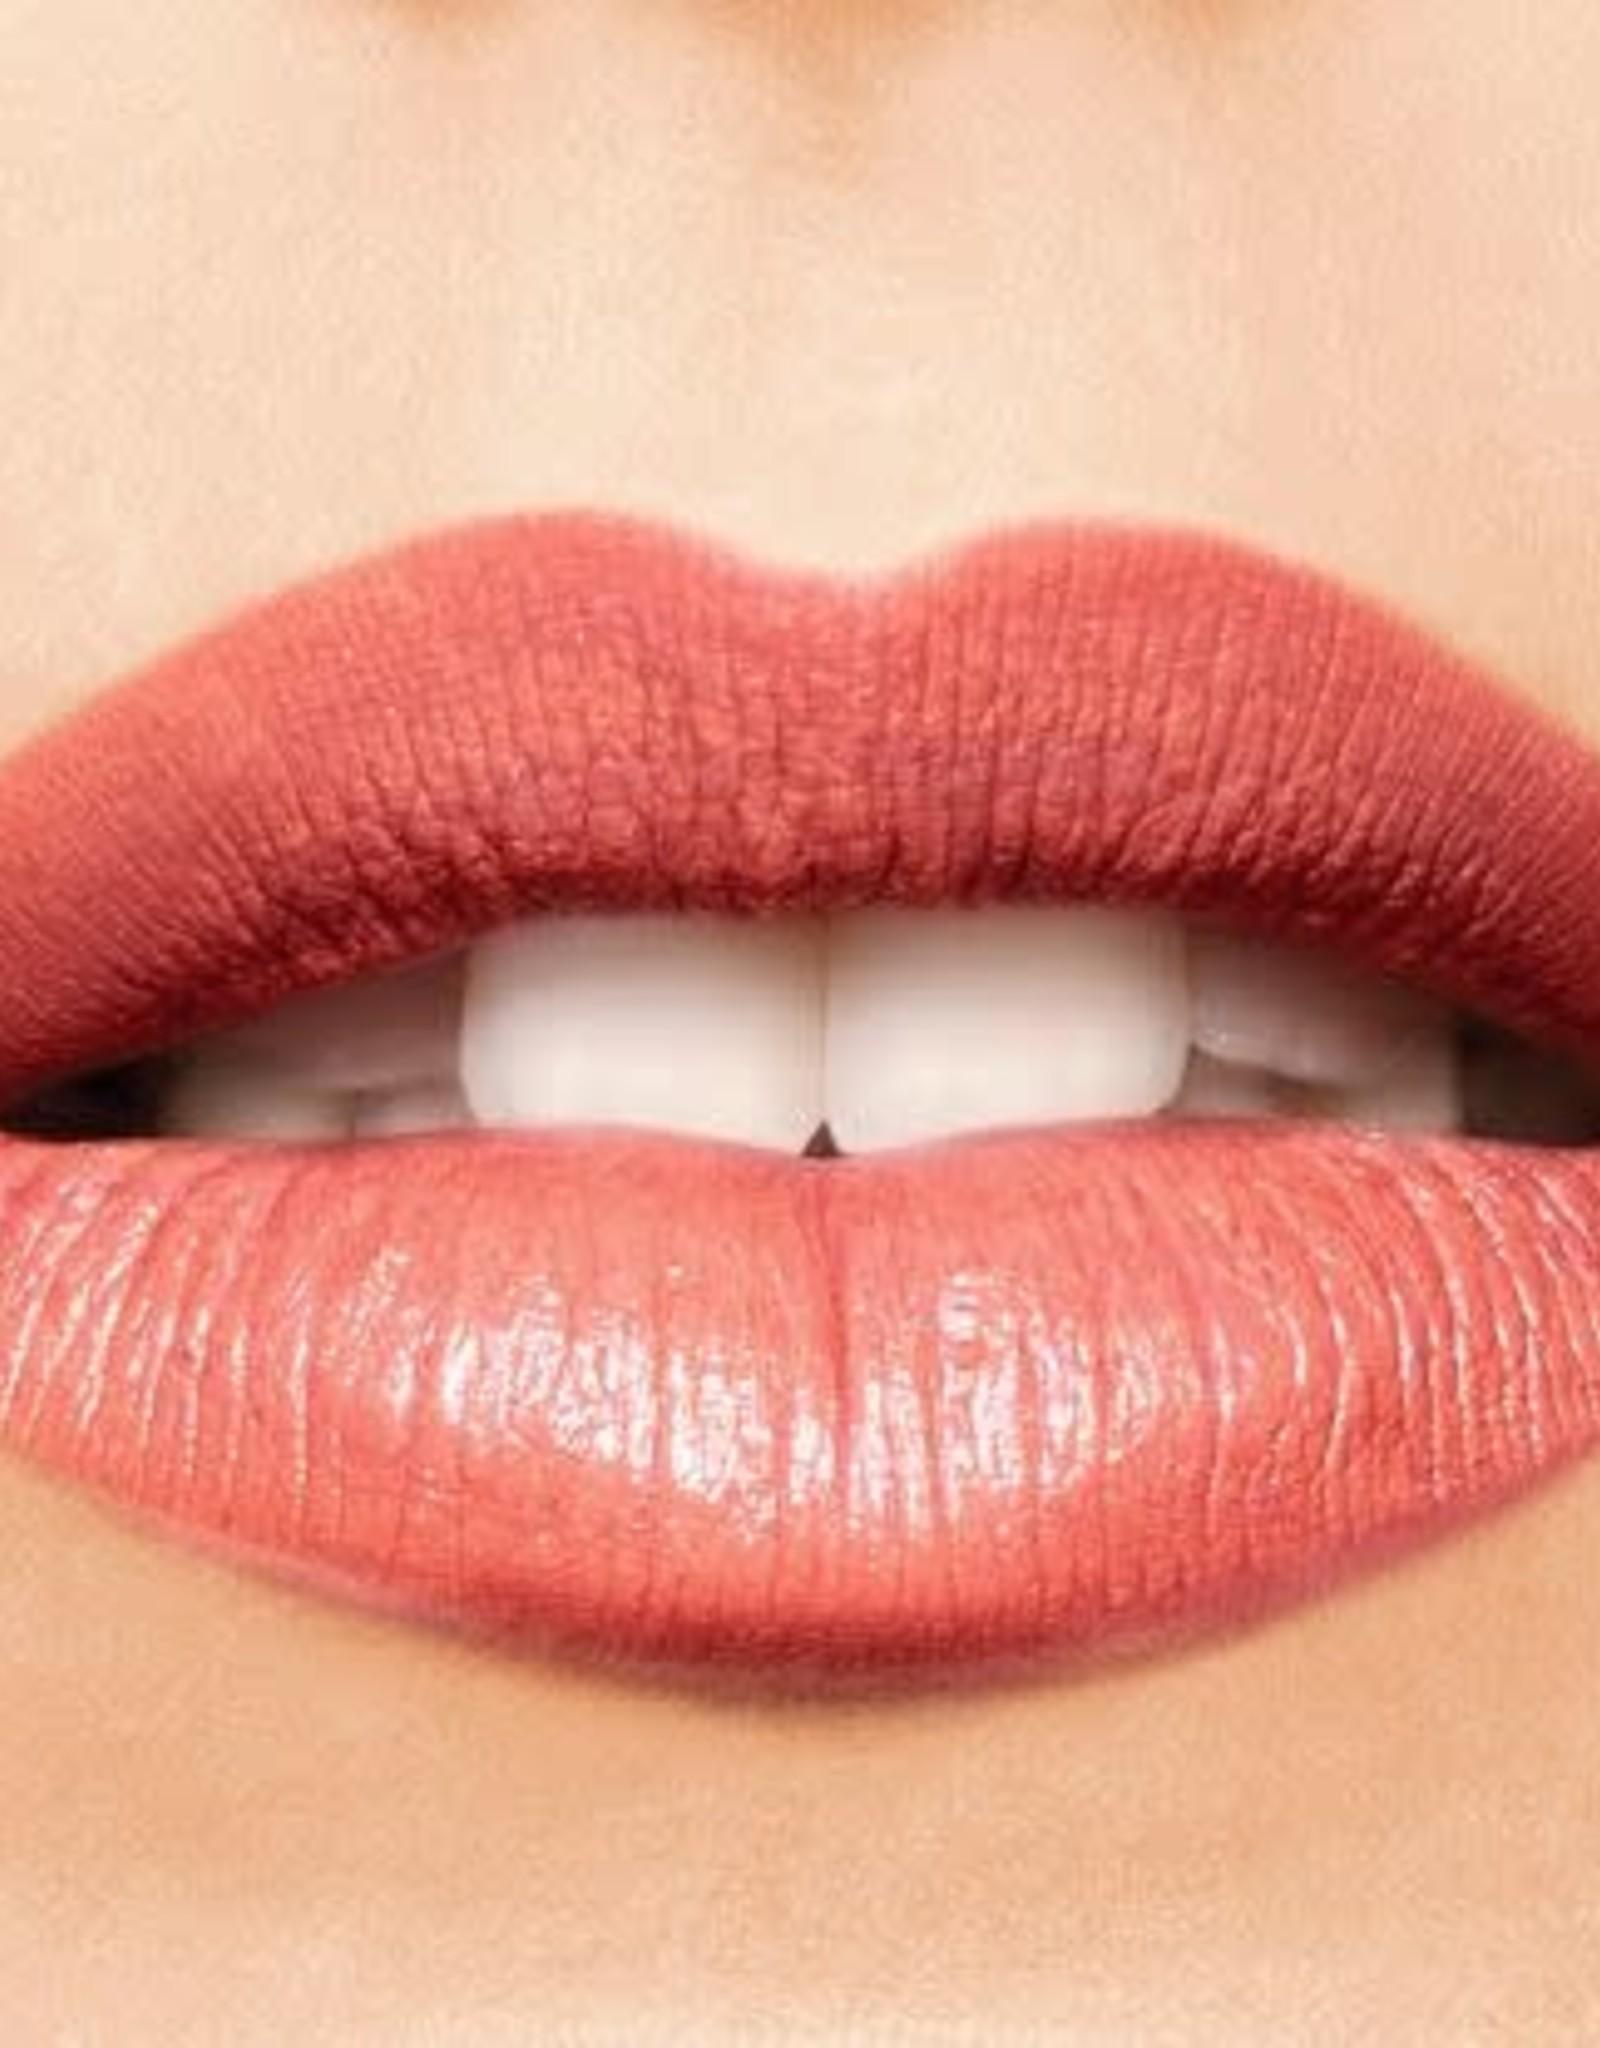 Maison Jacynthe Rouge à lèvres - Bliss 21